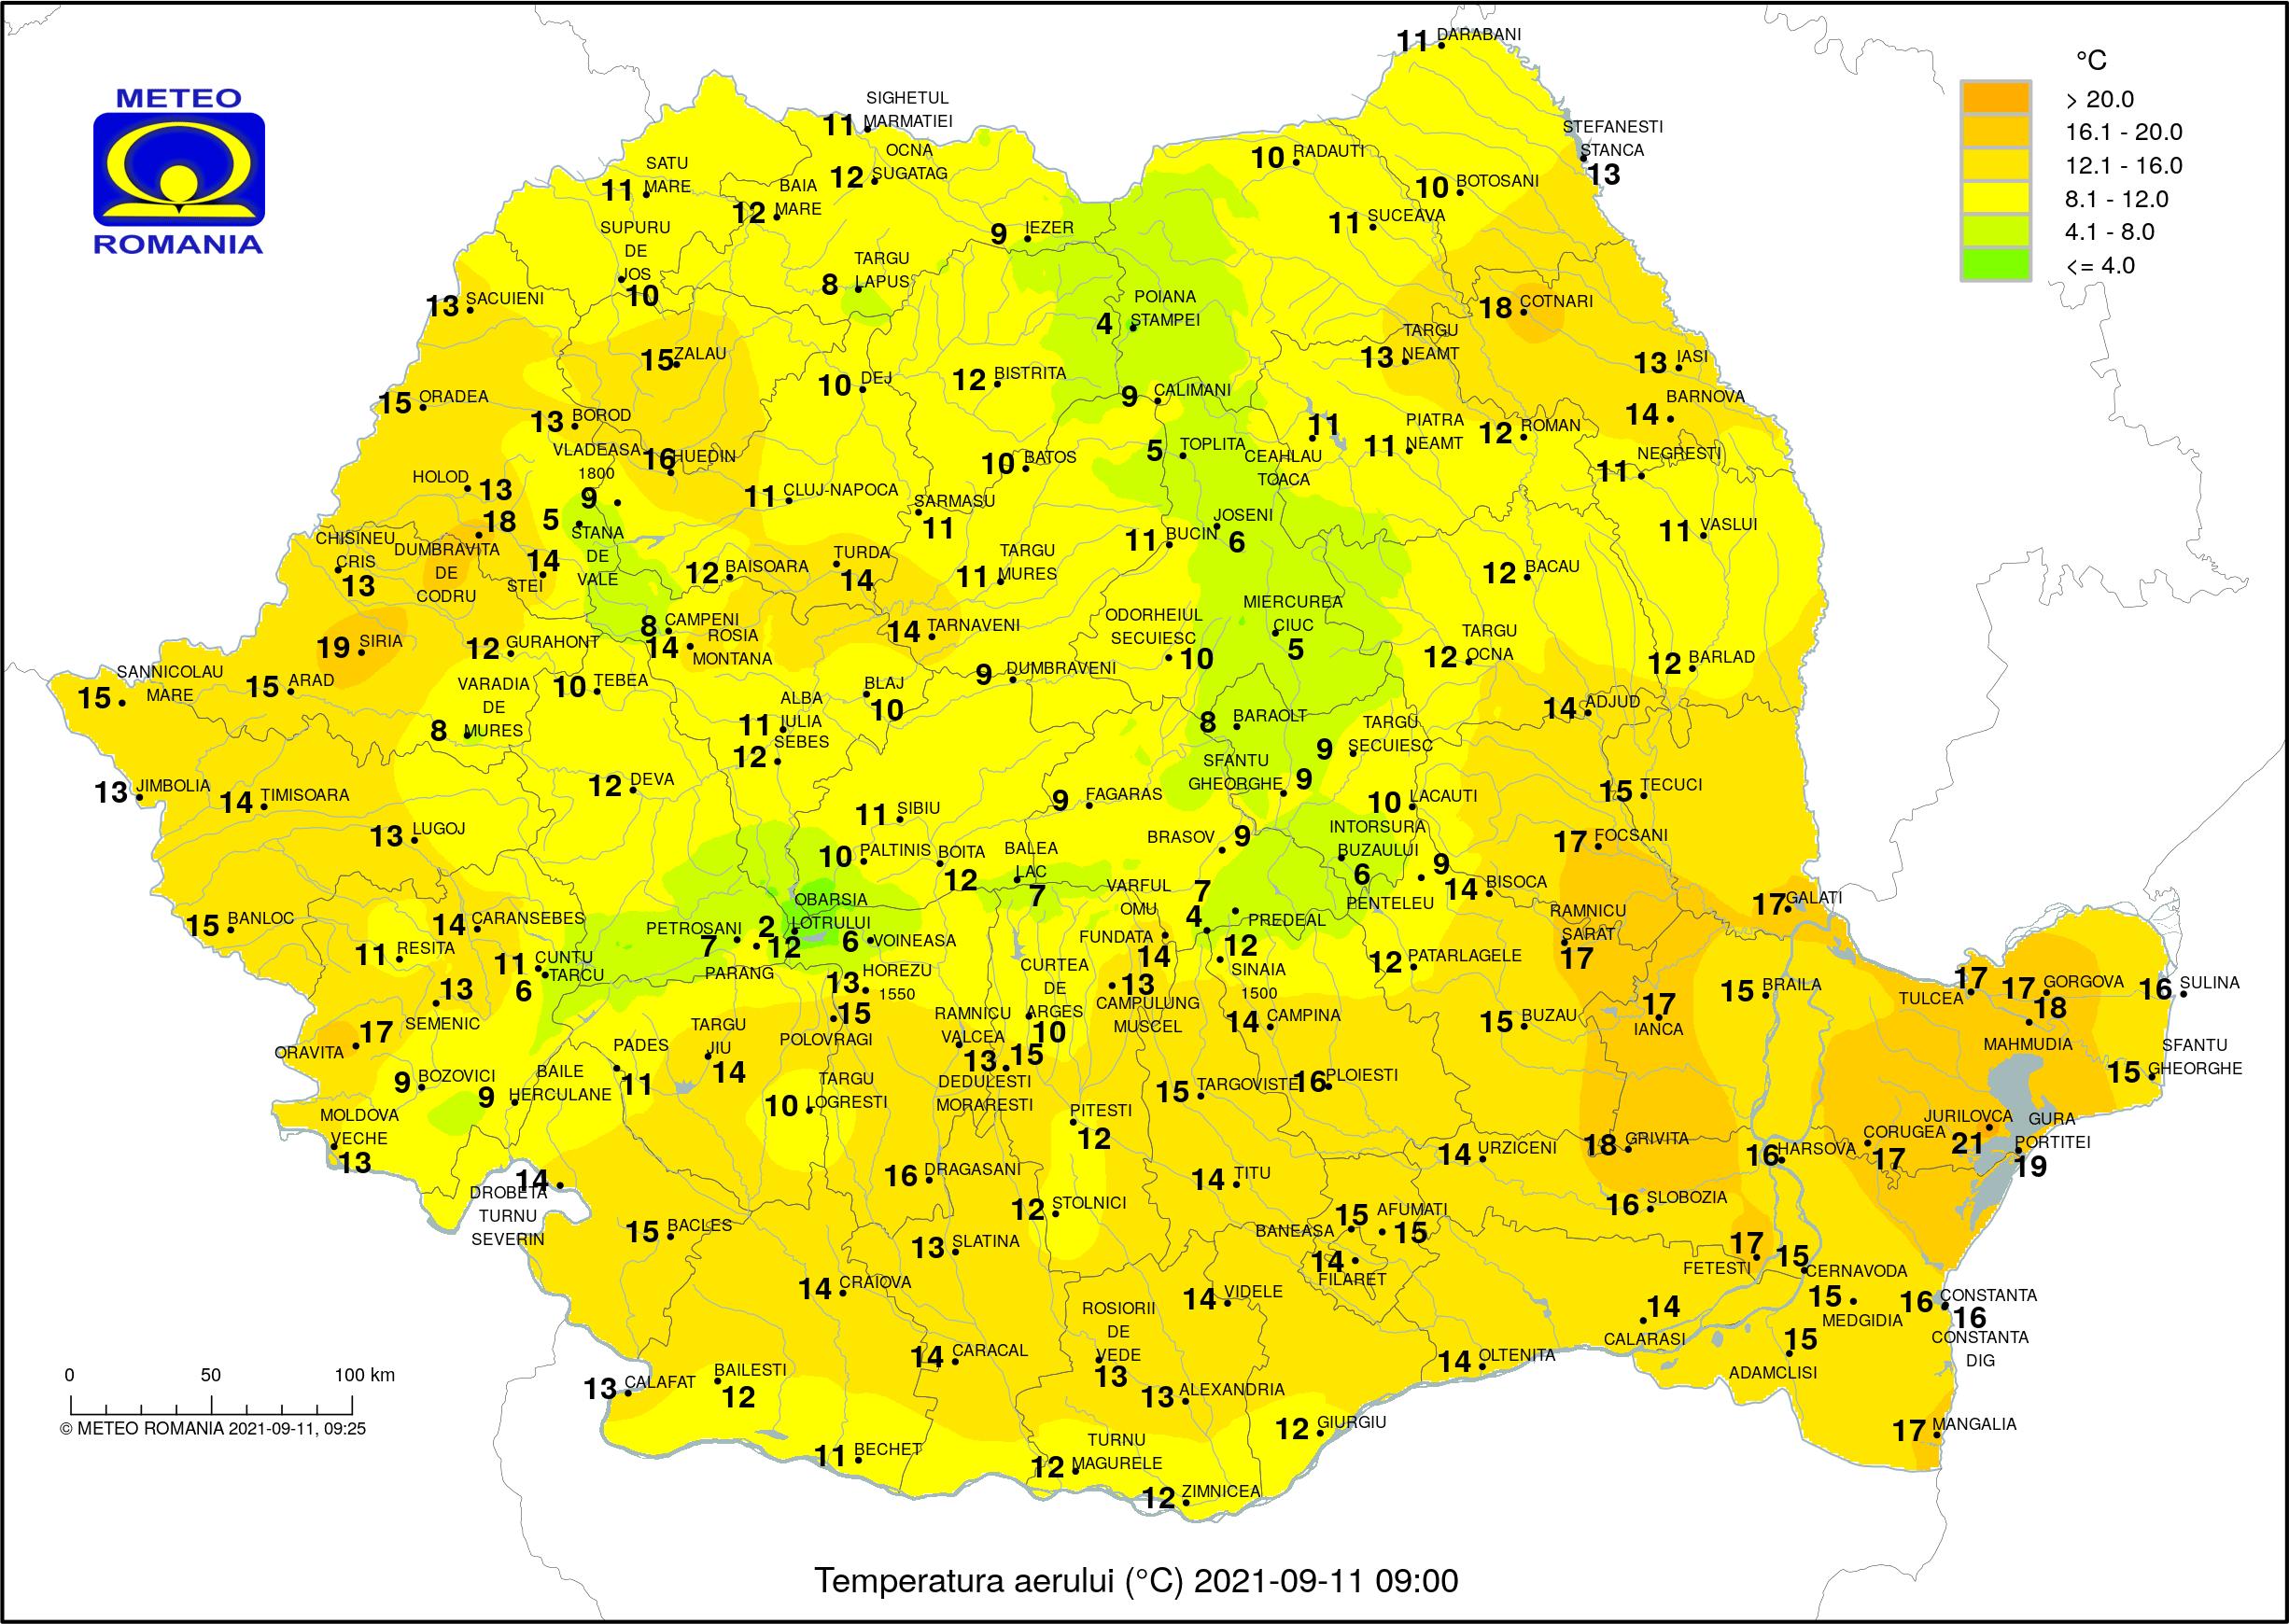 Temperaturile dimineții în România (ora 9) Temperaturi resimțite